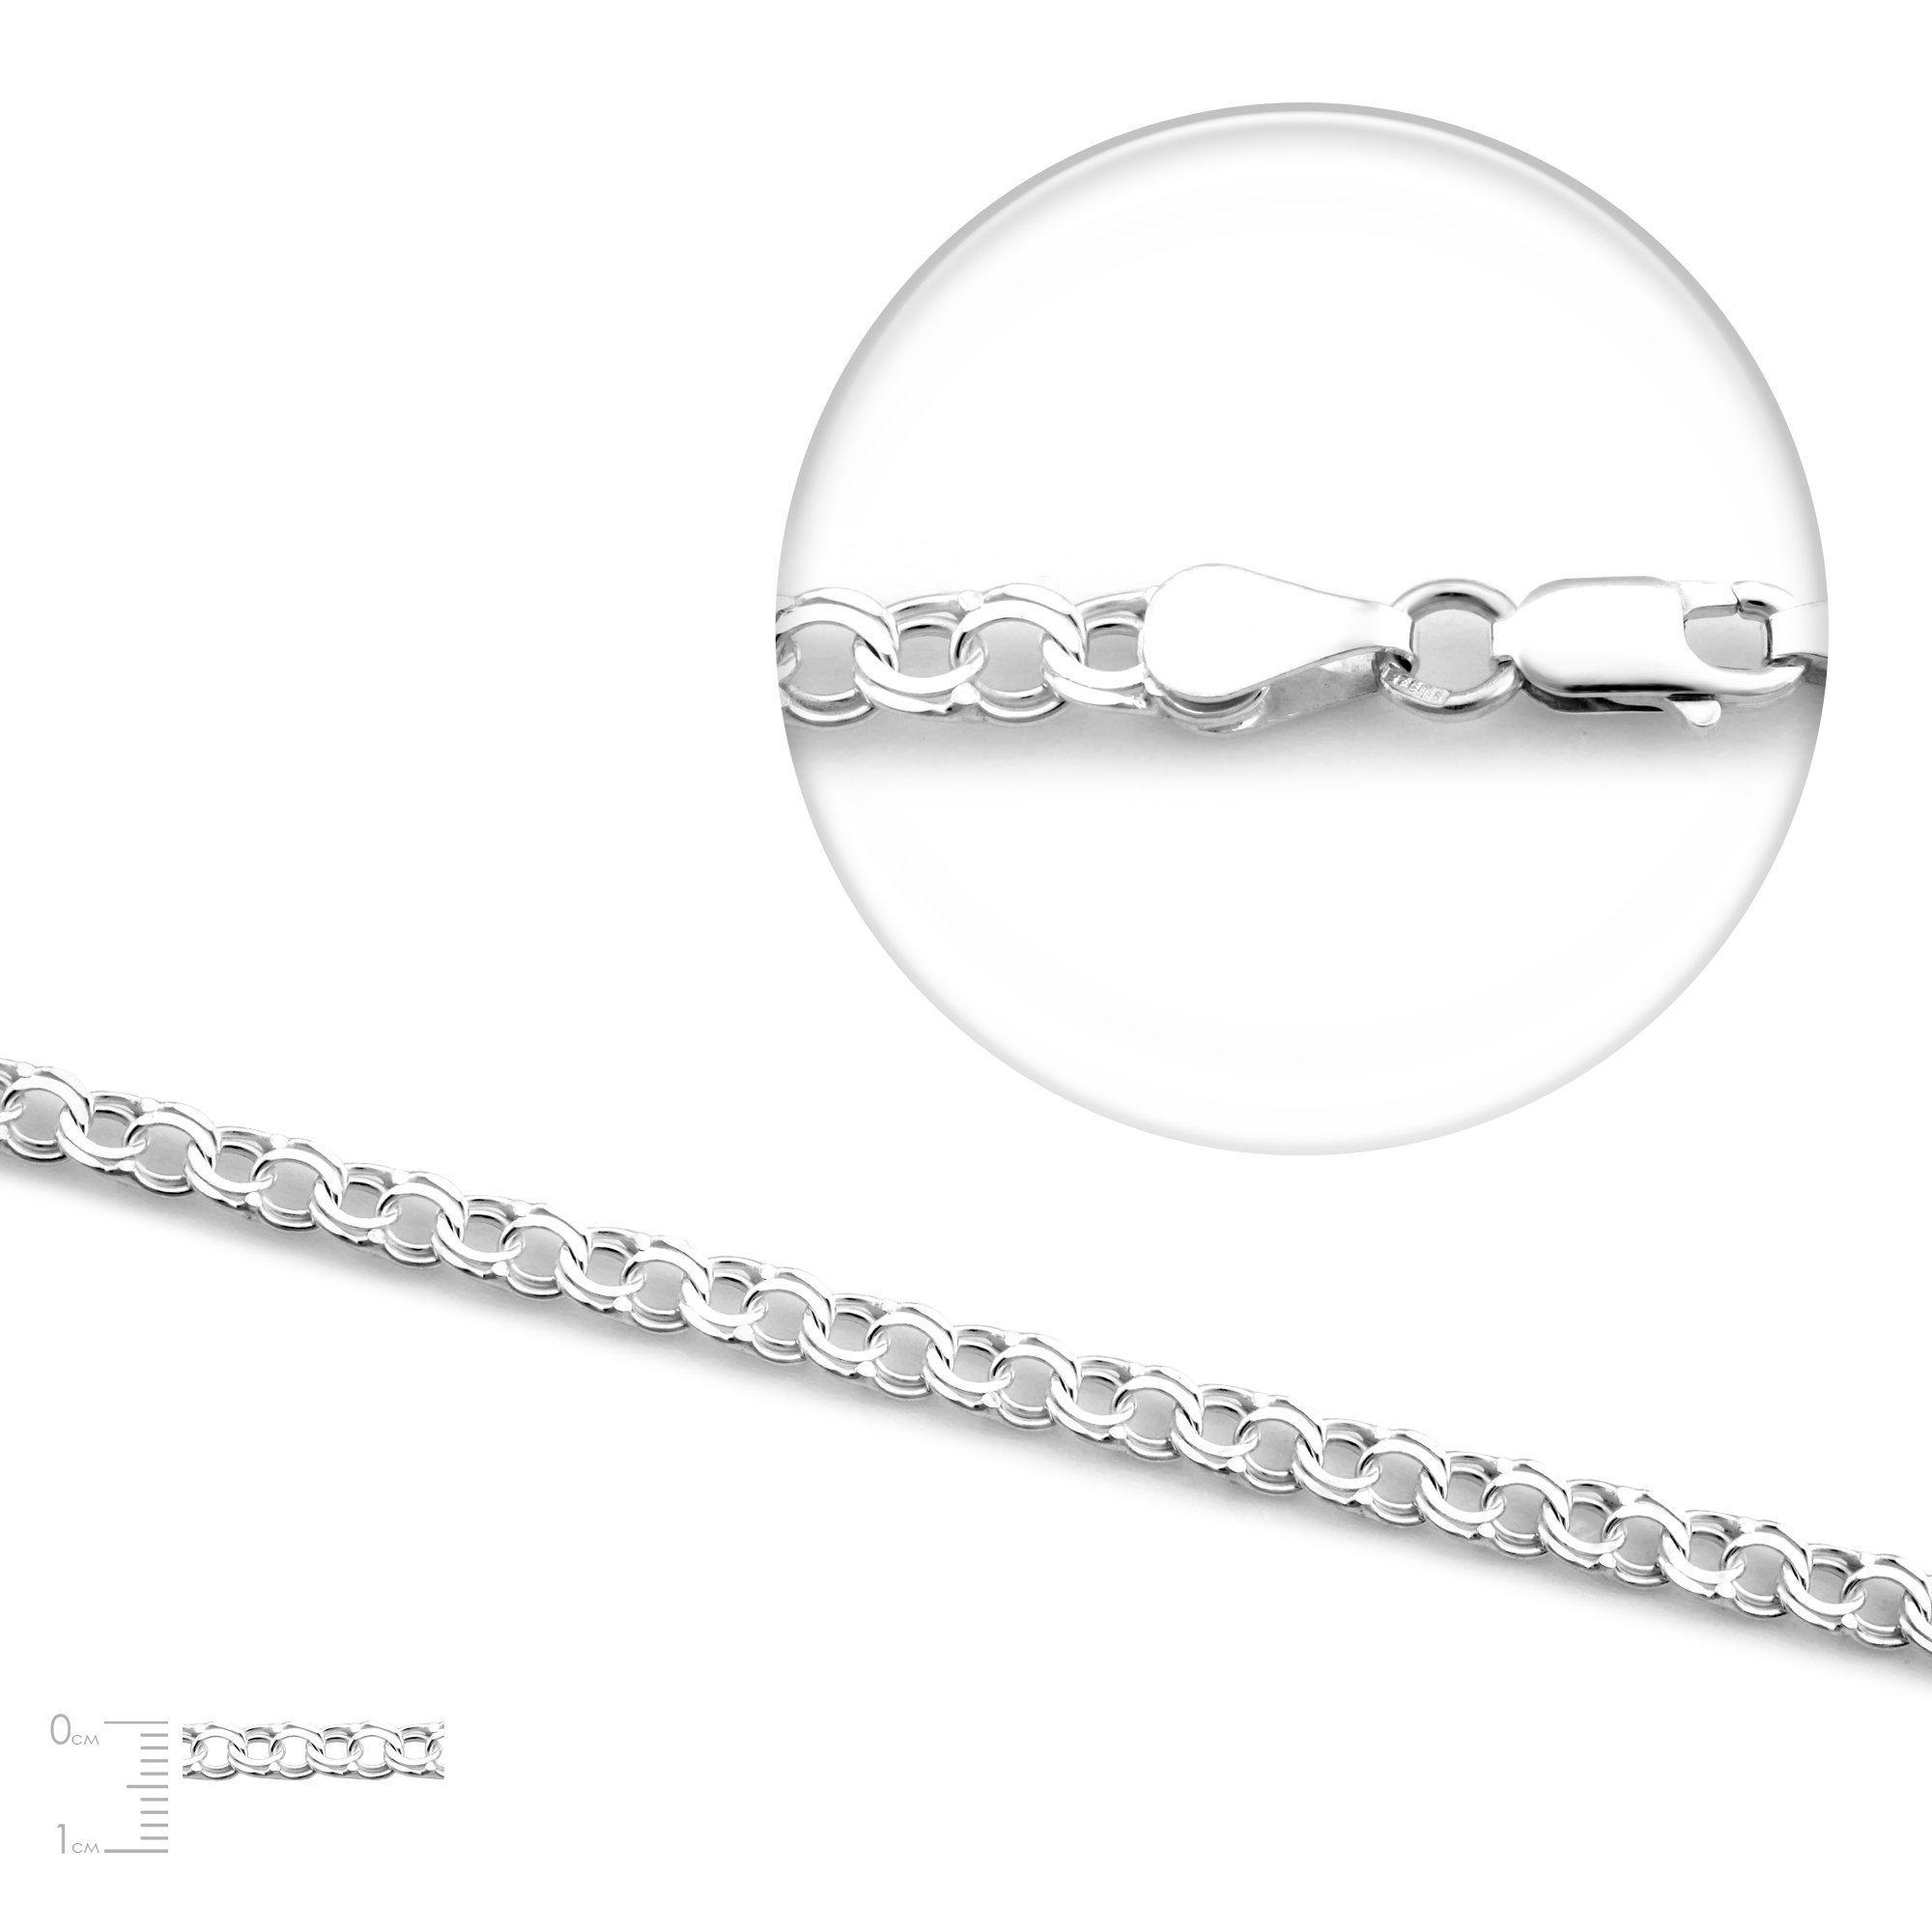 Серебряная цепочка Монреаль, 4,5 мм